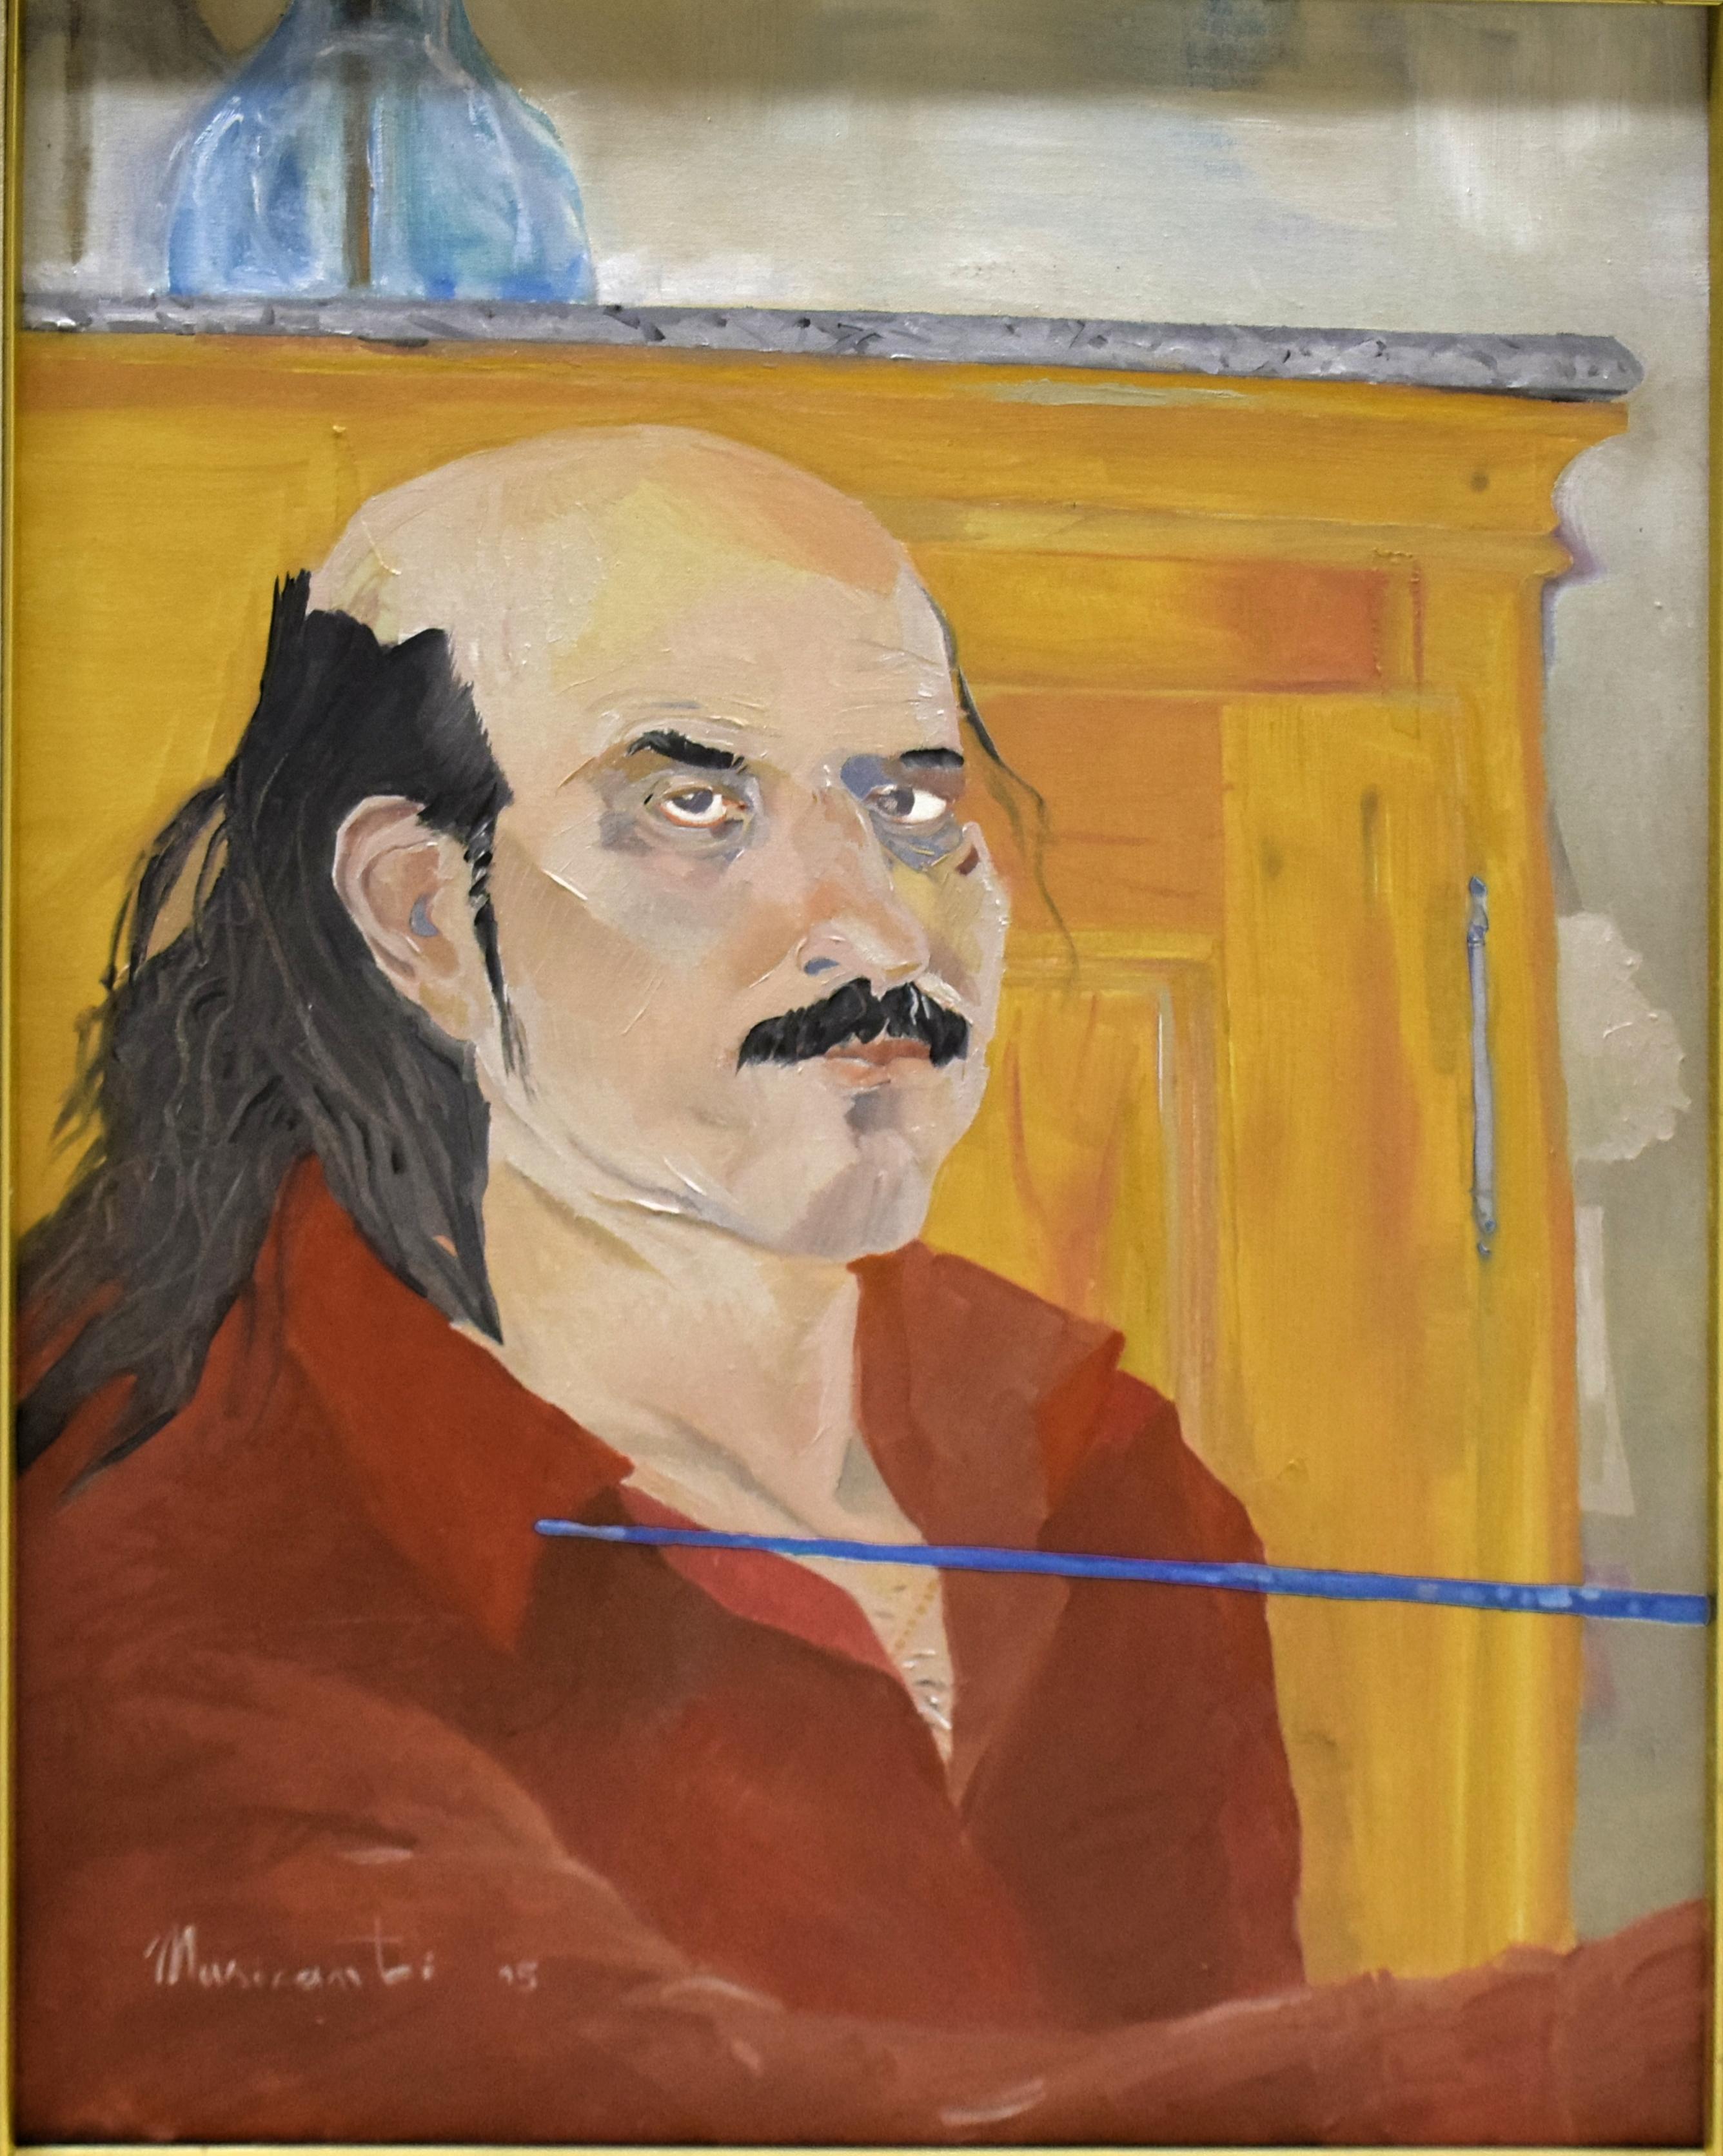 Musicanti Massimo - Marsciano - Il pittore